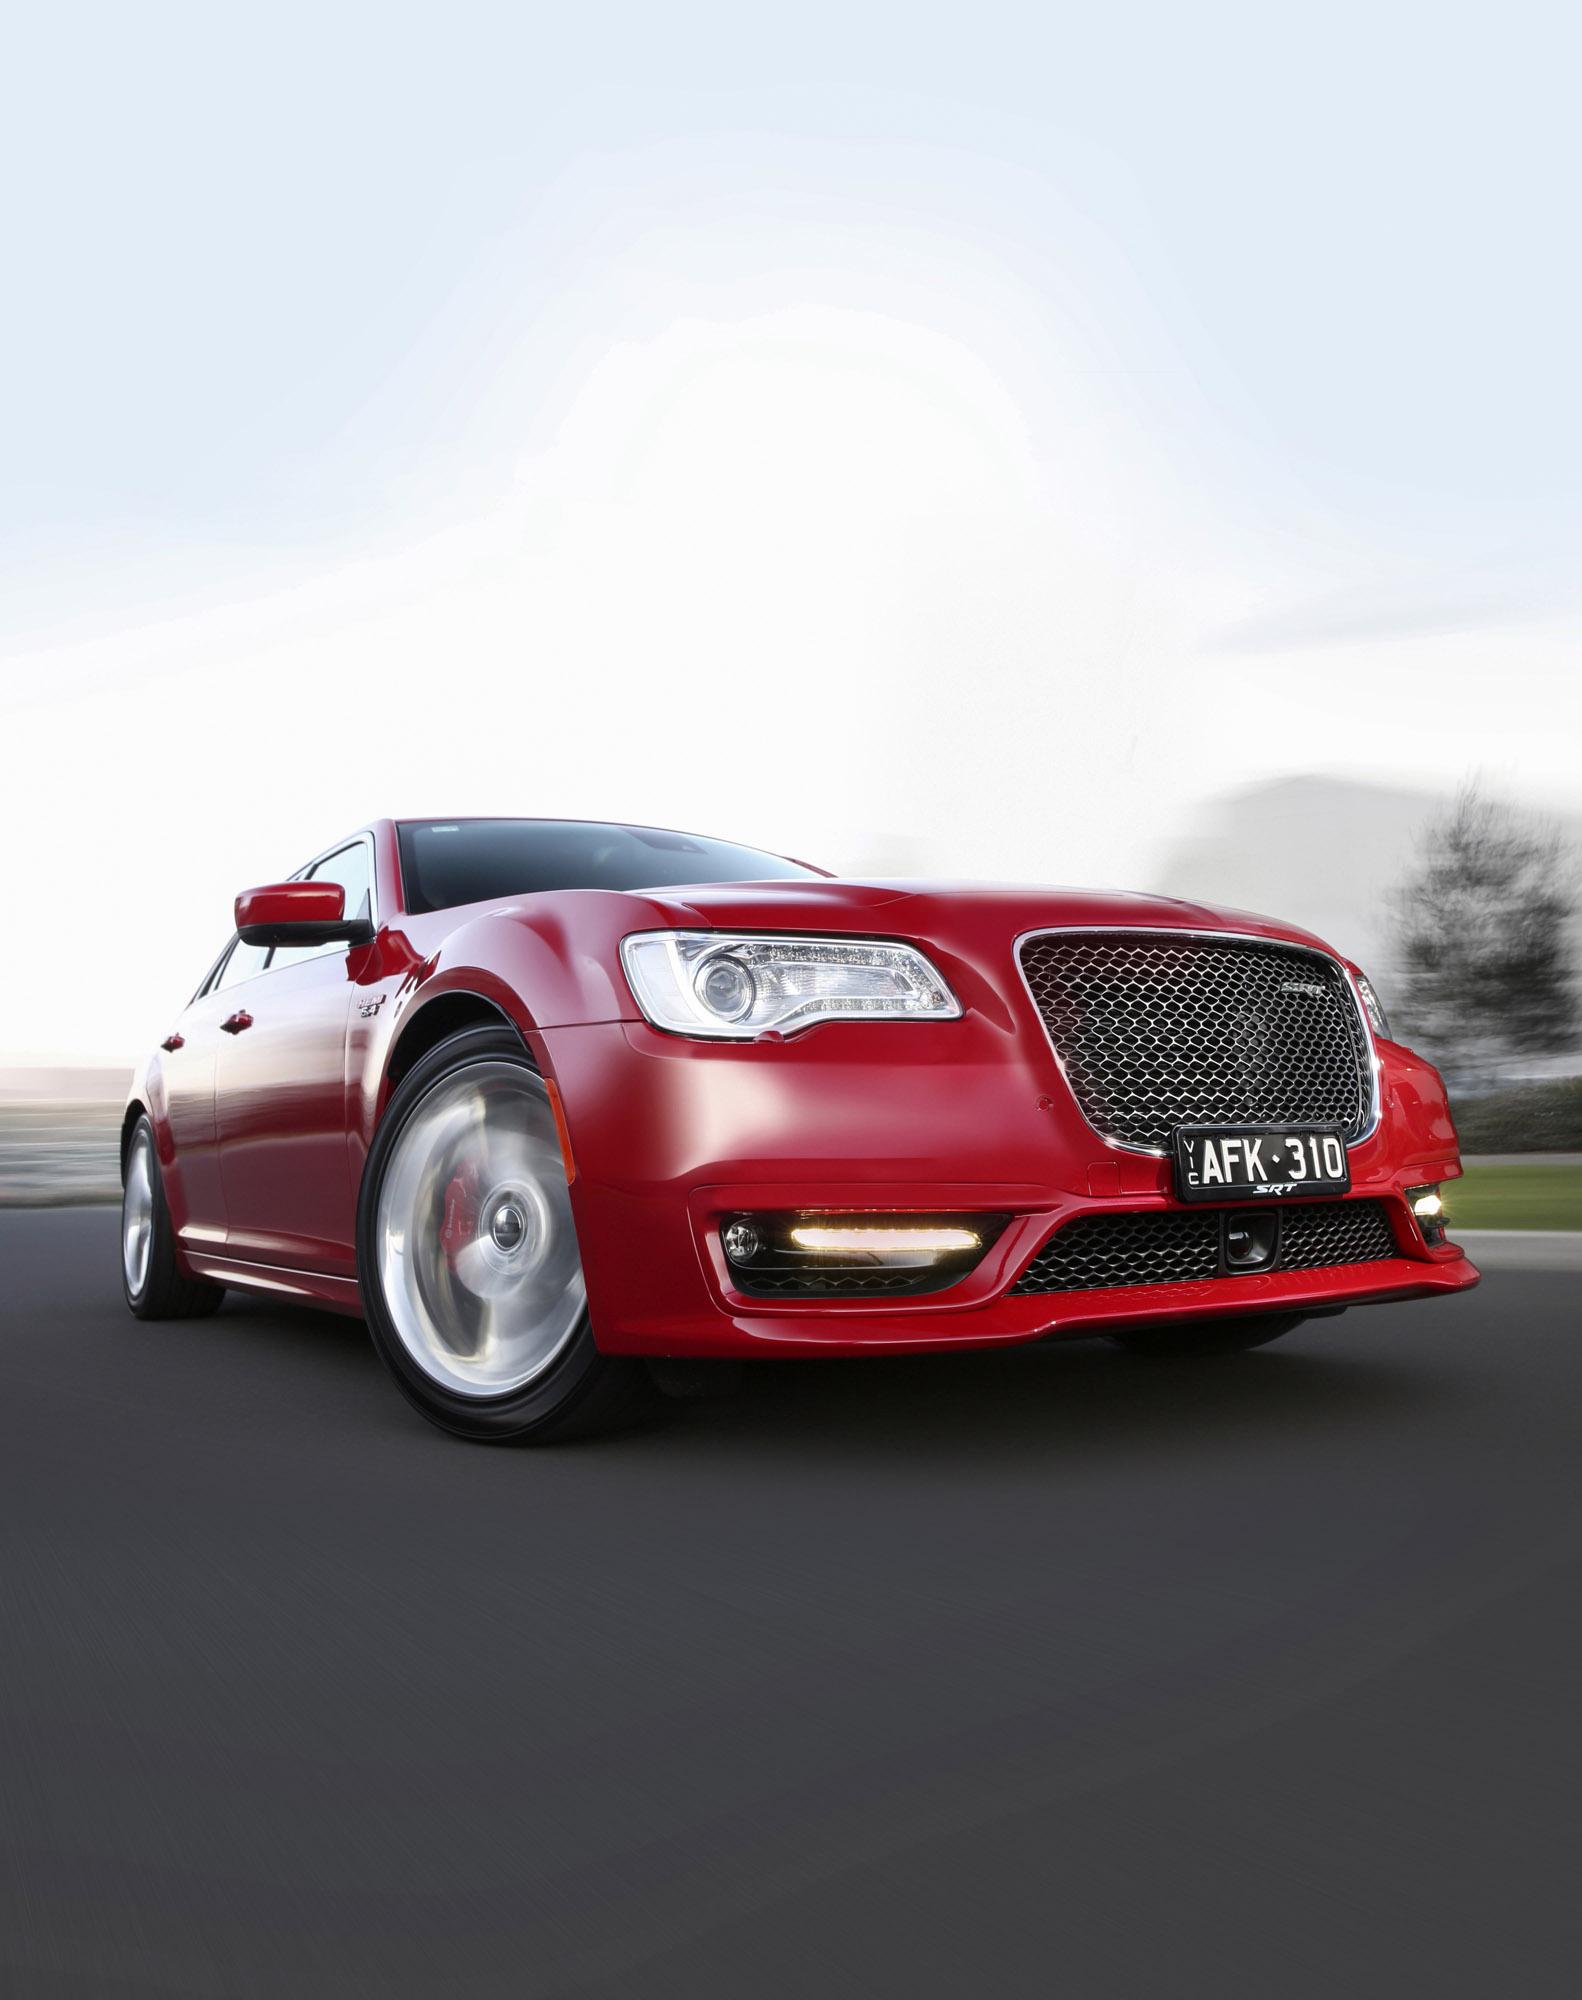 2015 chrysler 300 srt on youtube autos post for Chrysler 300 srt